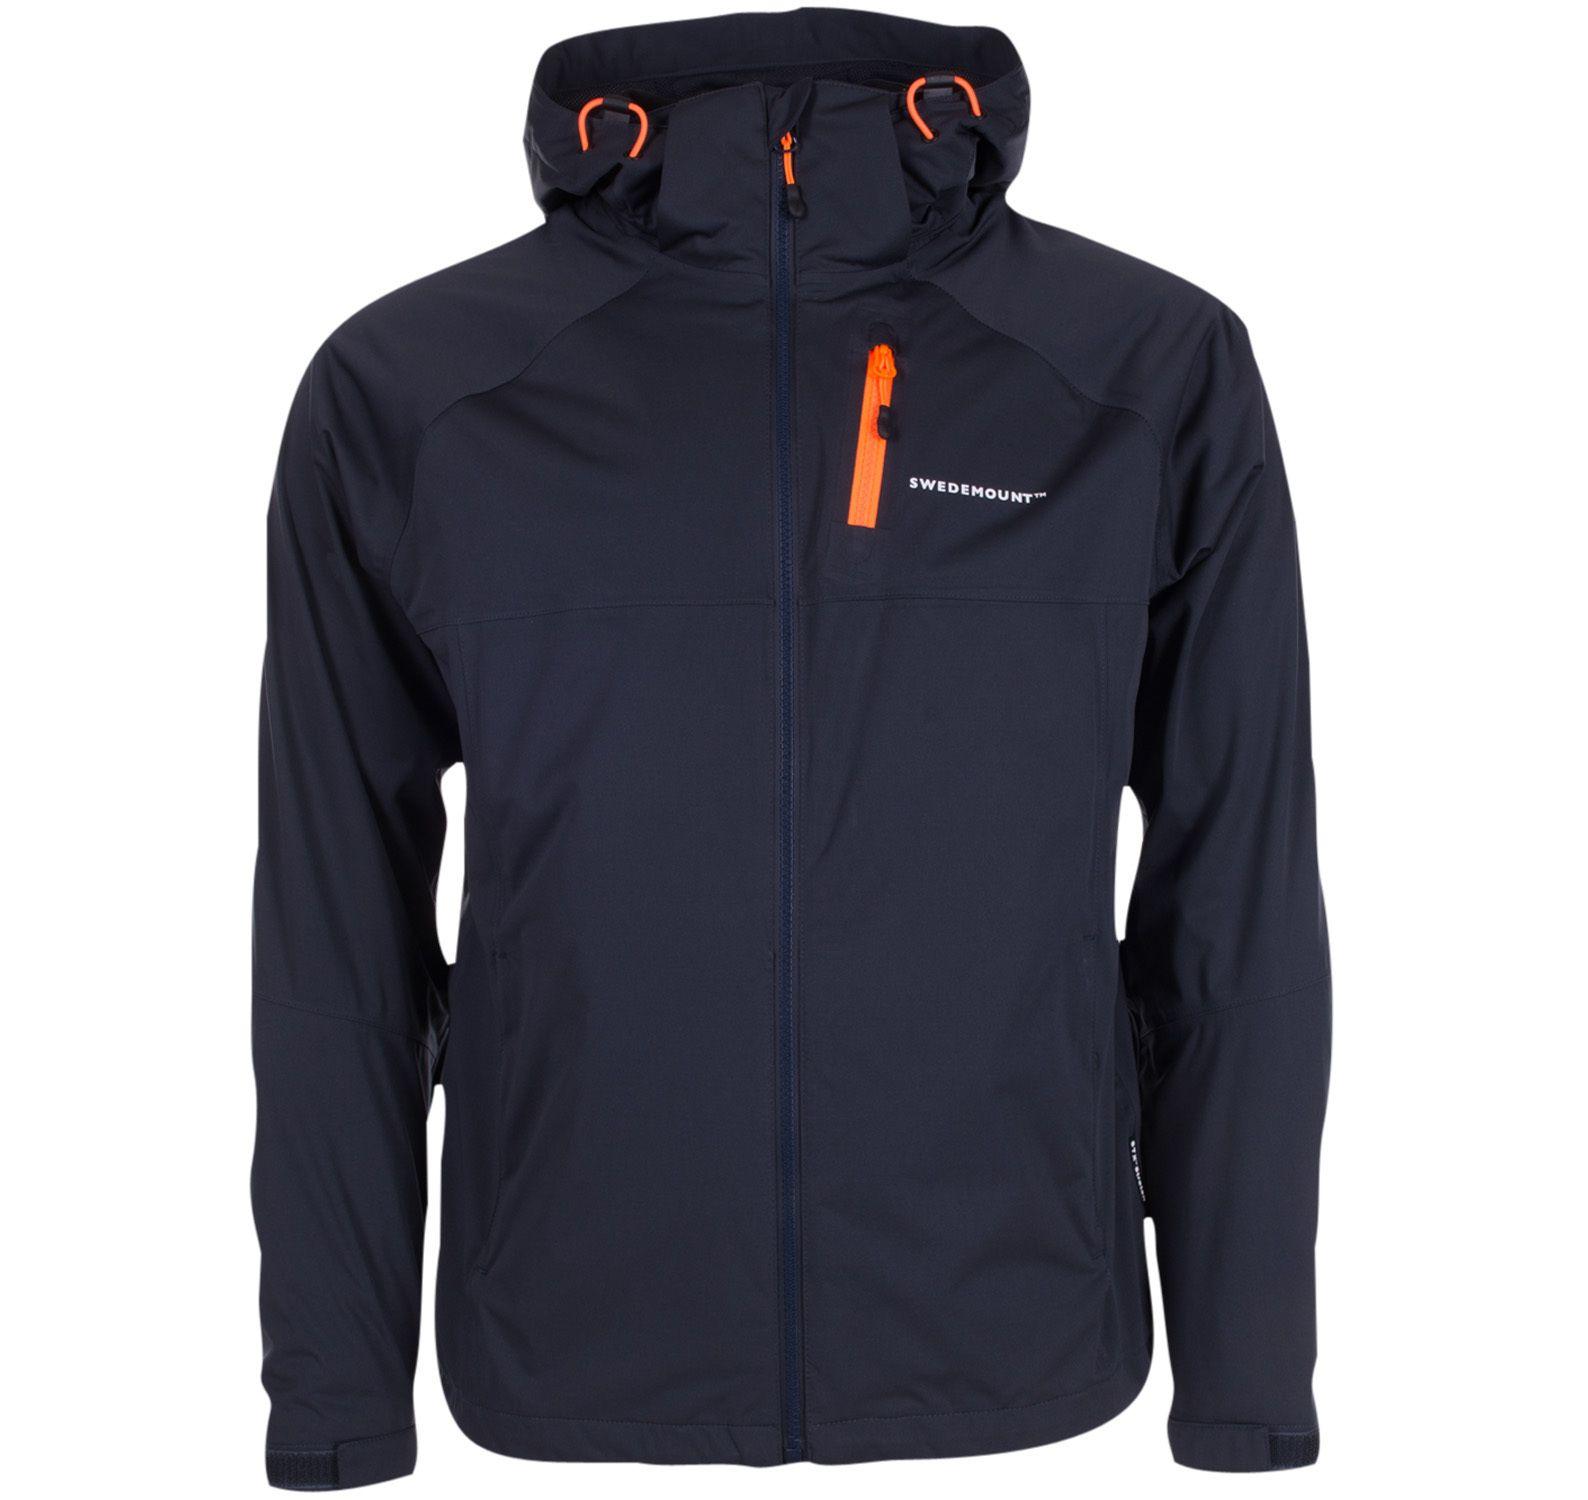 On Course Jacket, Charcoal/Orange, 3xl, Regnkläder